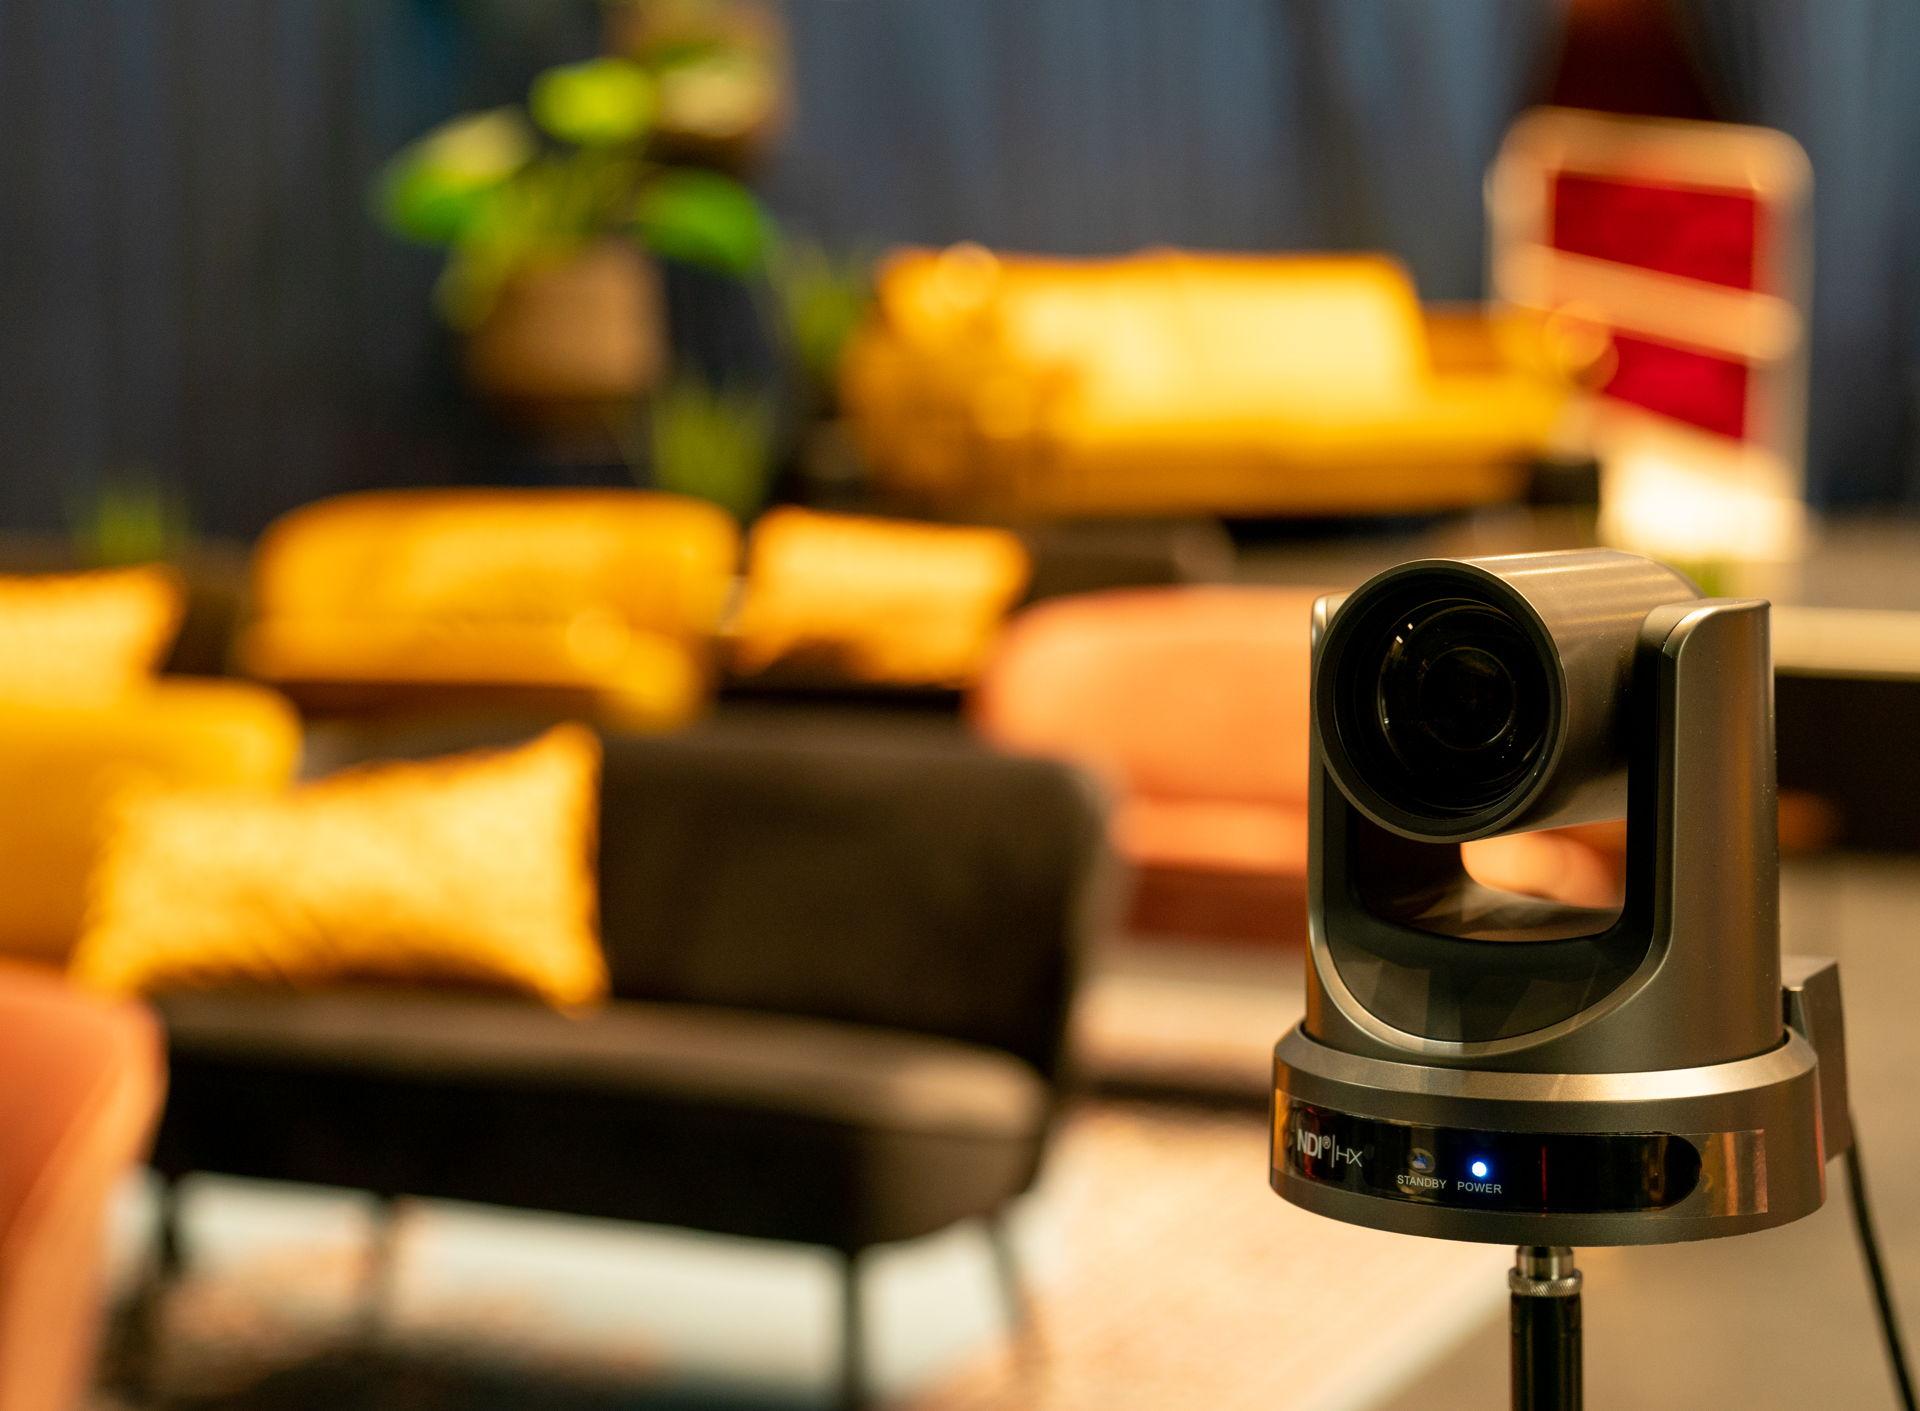 De Tamboer biedt eindeloze mogelijkheden op het gebied van zakelijke livestreams. Van webinar tot personeelsbijeenkomst, van ledenvergadering tot concert en meer.